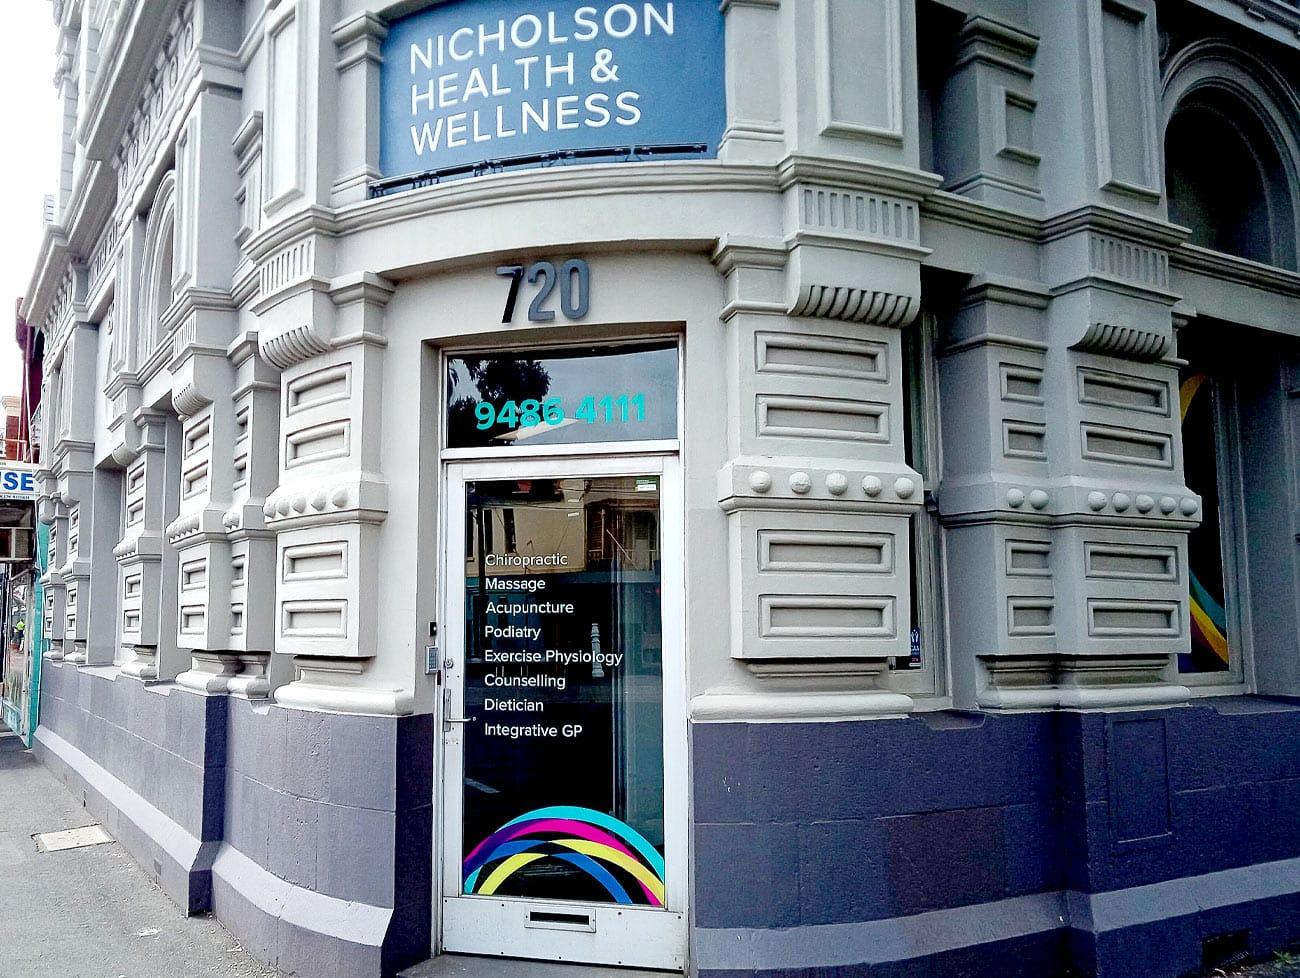 720 Nicholson Street Fitzroy North Victoria 3068